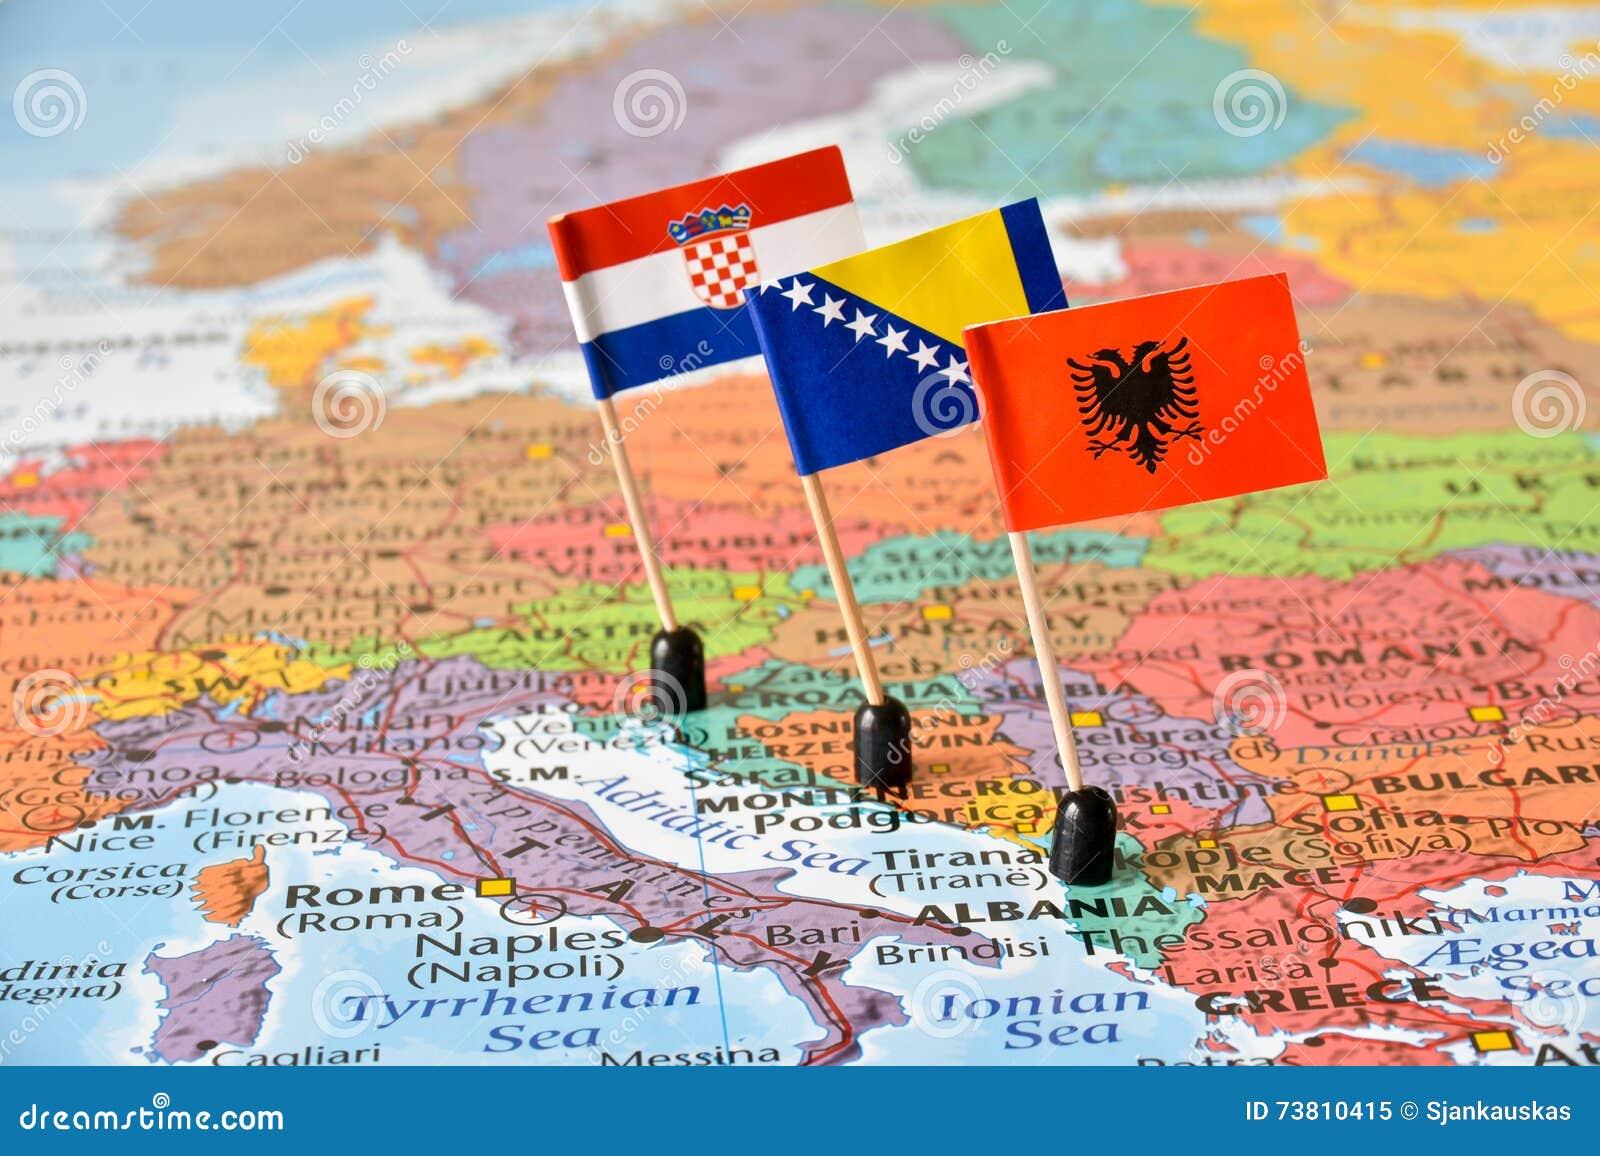 Karta Bosnien Och Hercegovina.Balkans Oversikt Och Flaggor Av Albanien Bosnien Och Hercegovina